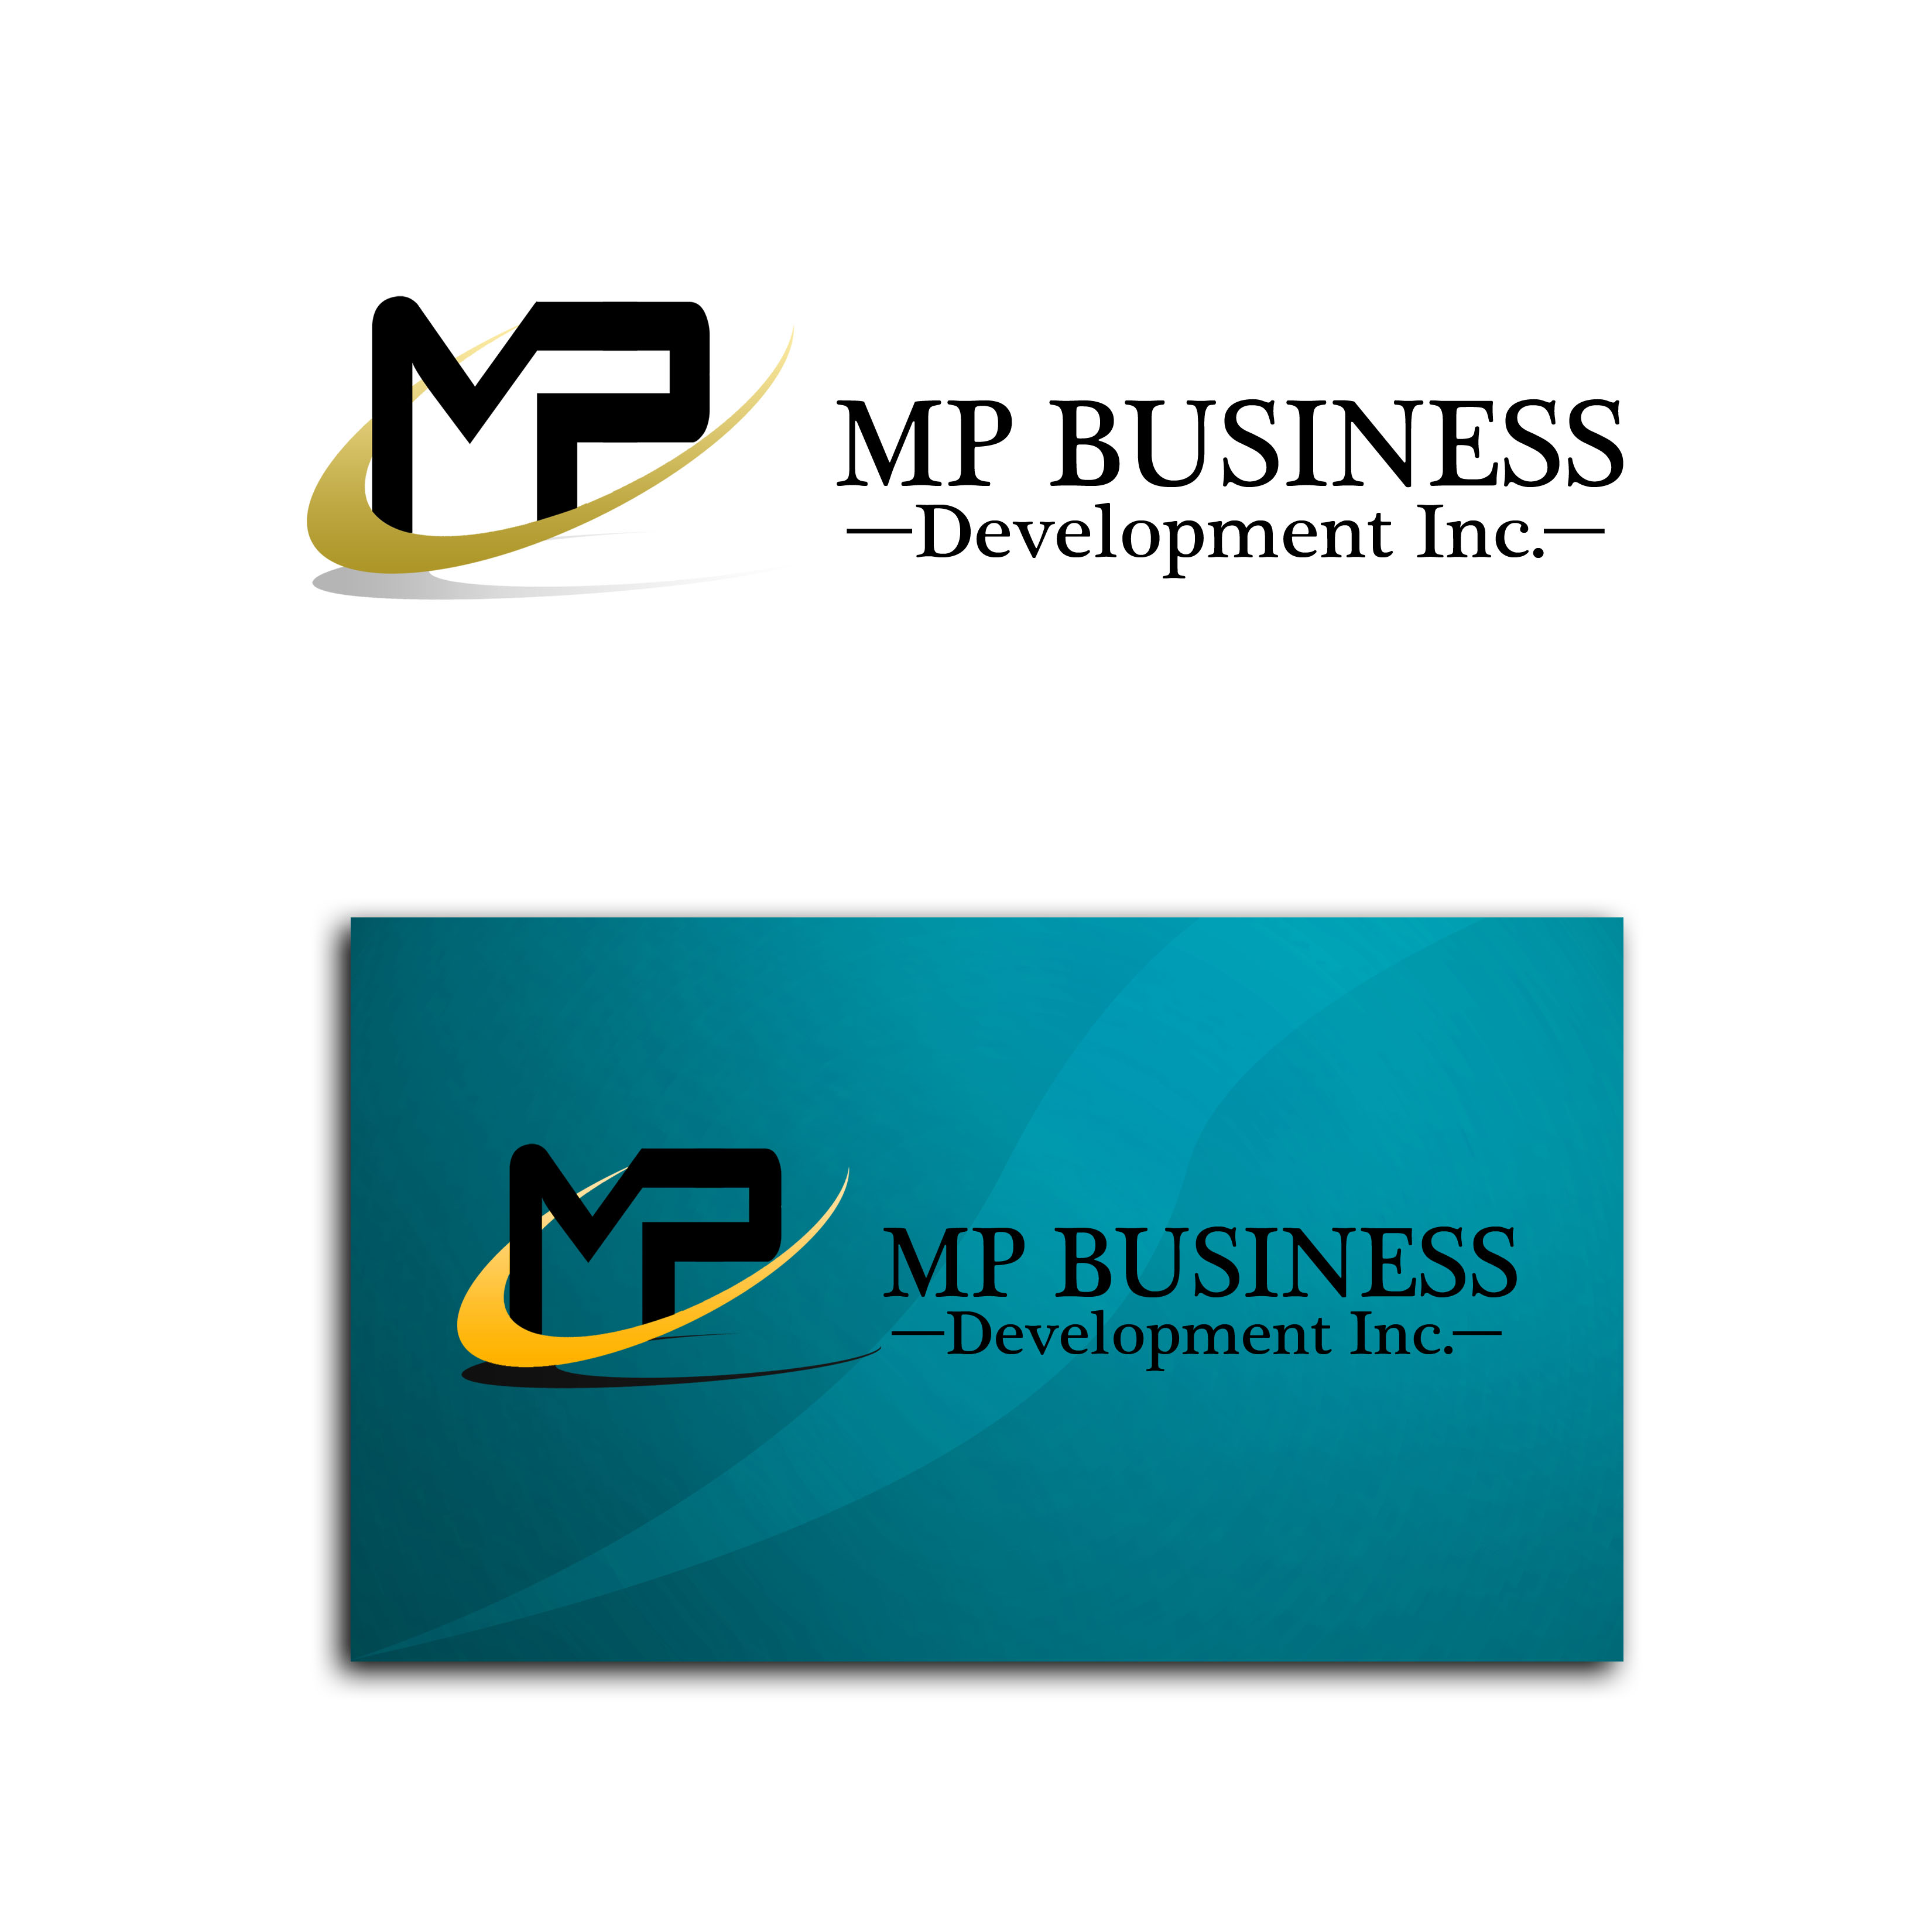 Logo Design by Allan Esclamado - Entry No. 192 in the Logo Design Contest MP Business Development Inc. Logo Design.